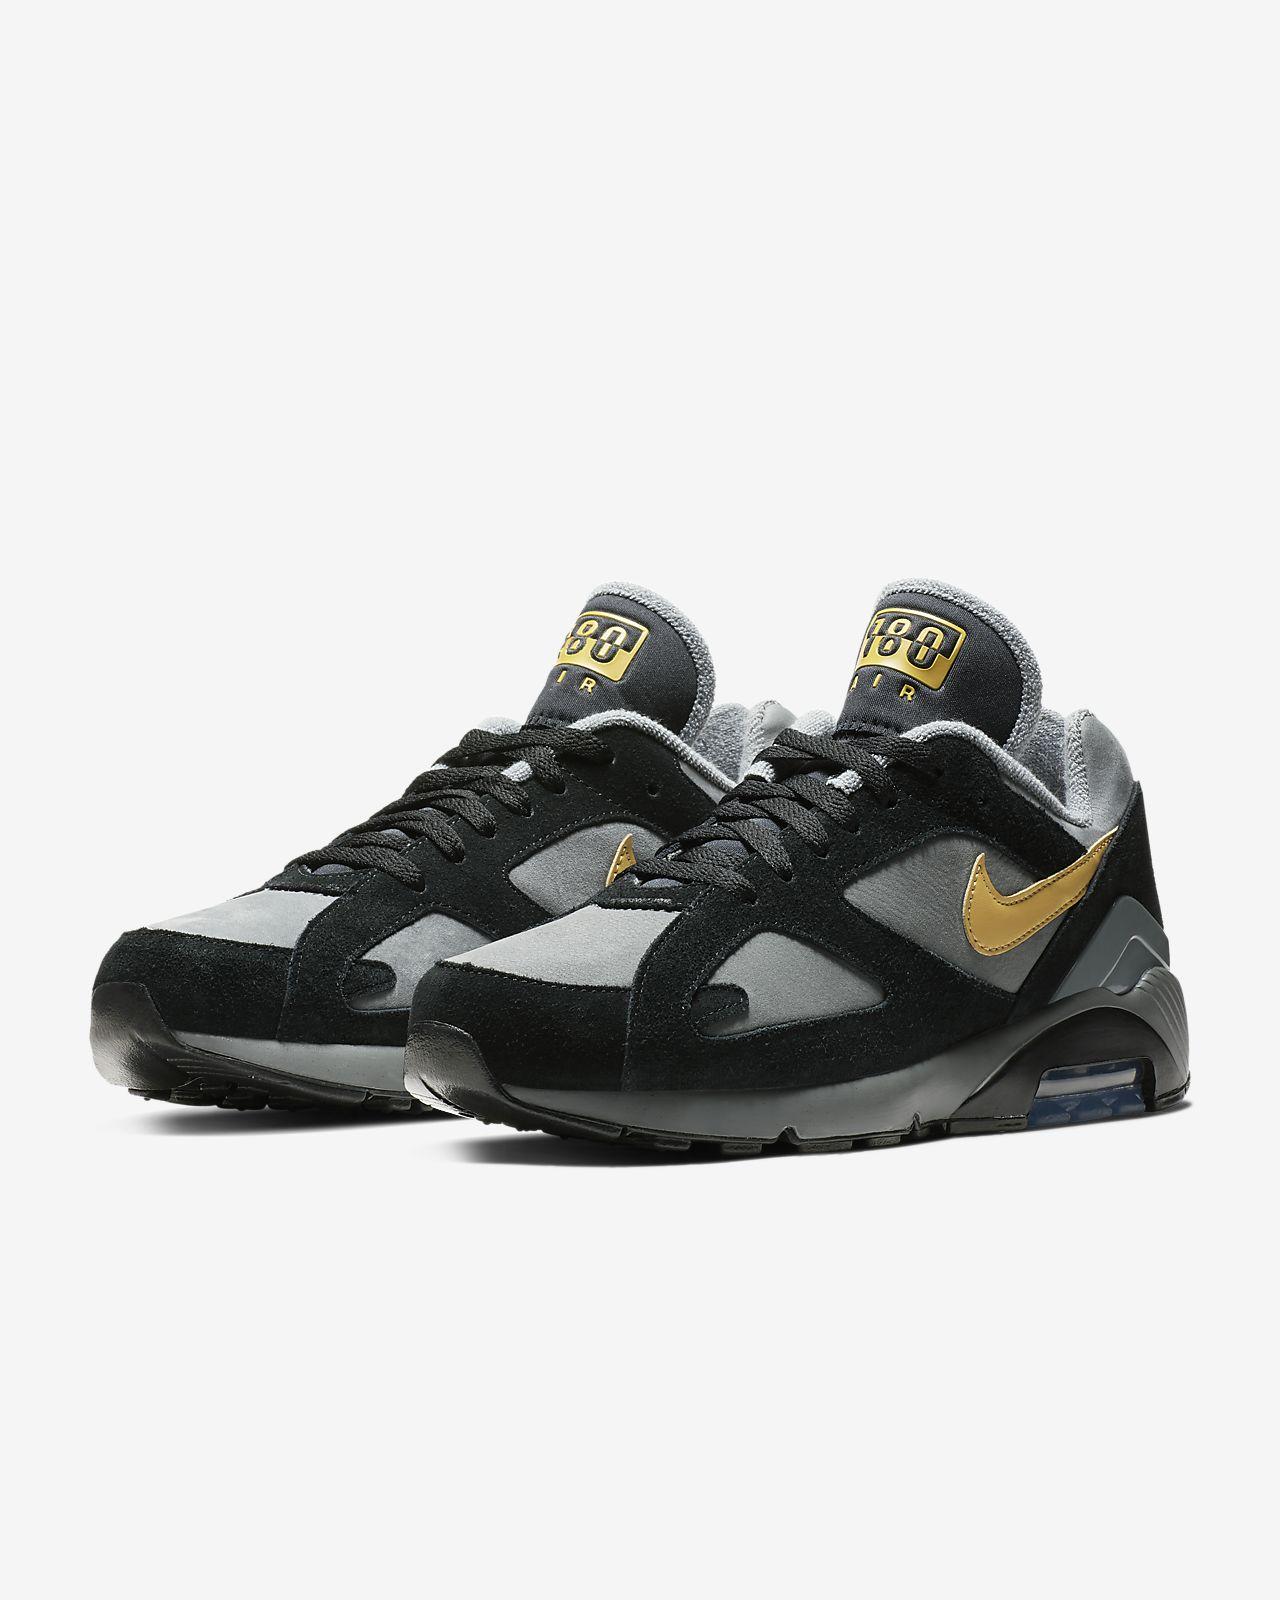 37826daea75 Nike Air Max 180 Men s Shoe. Nike.com GB